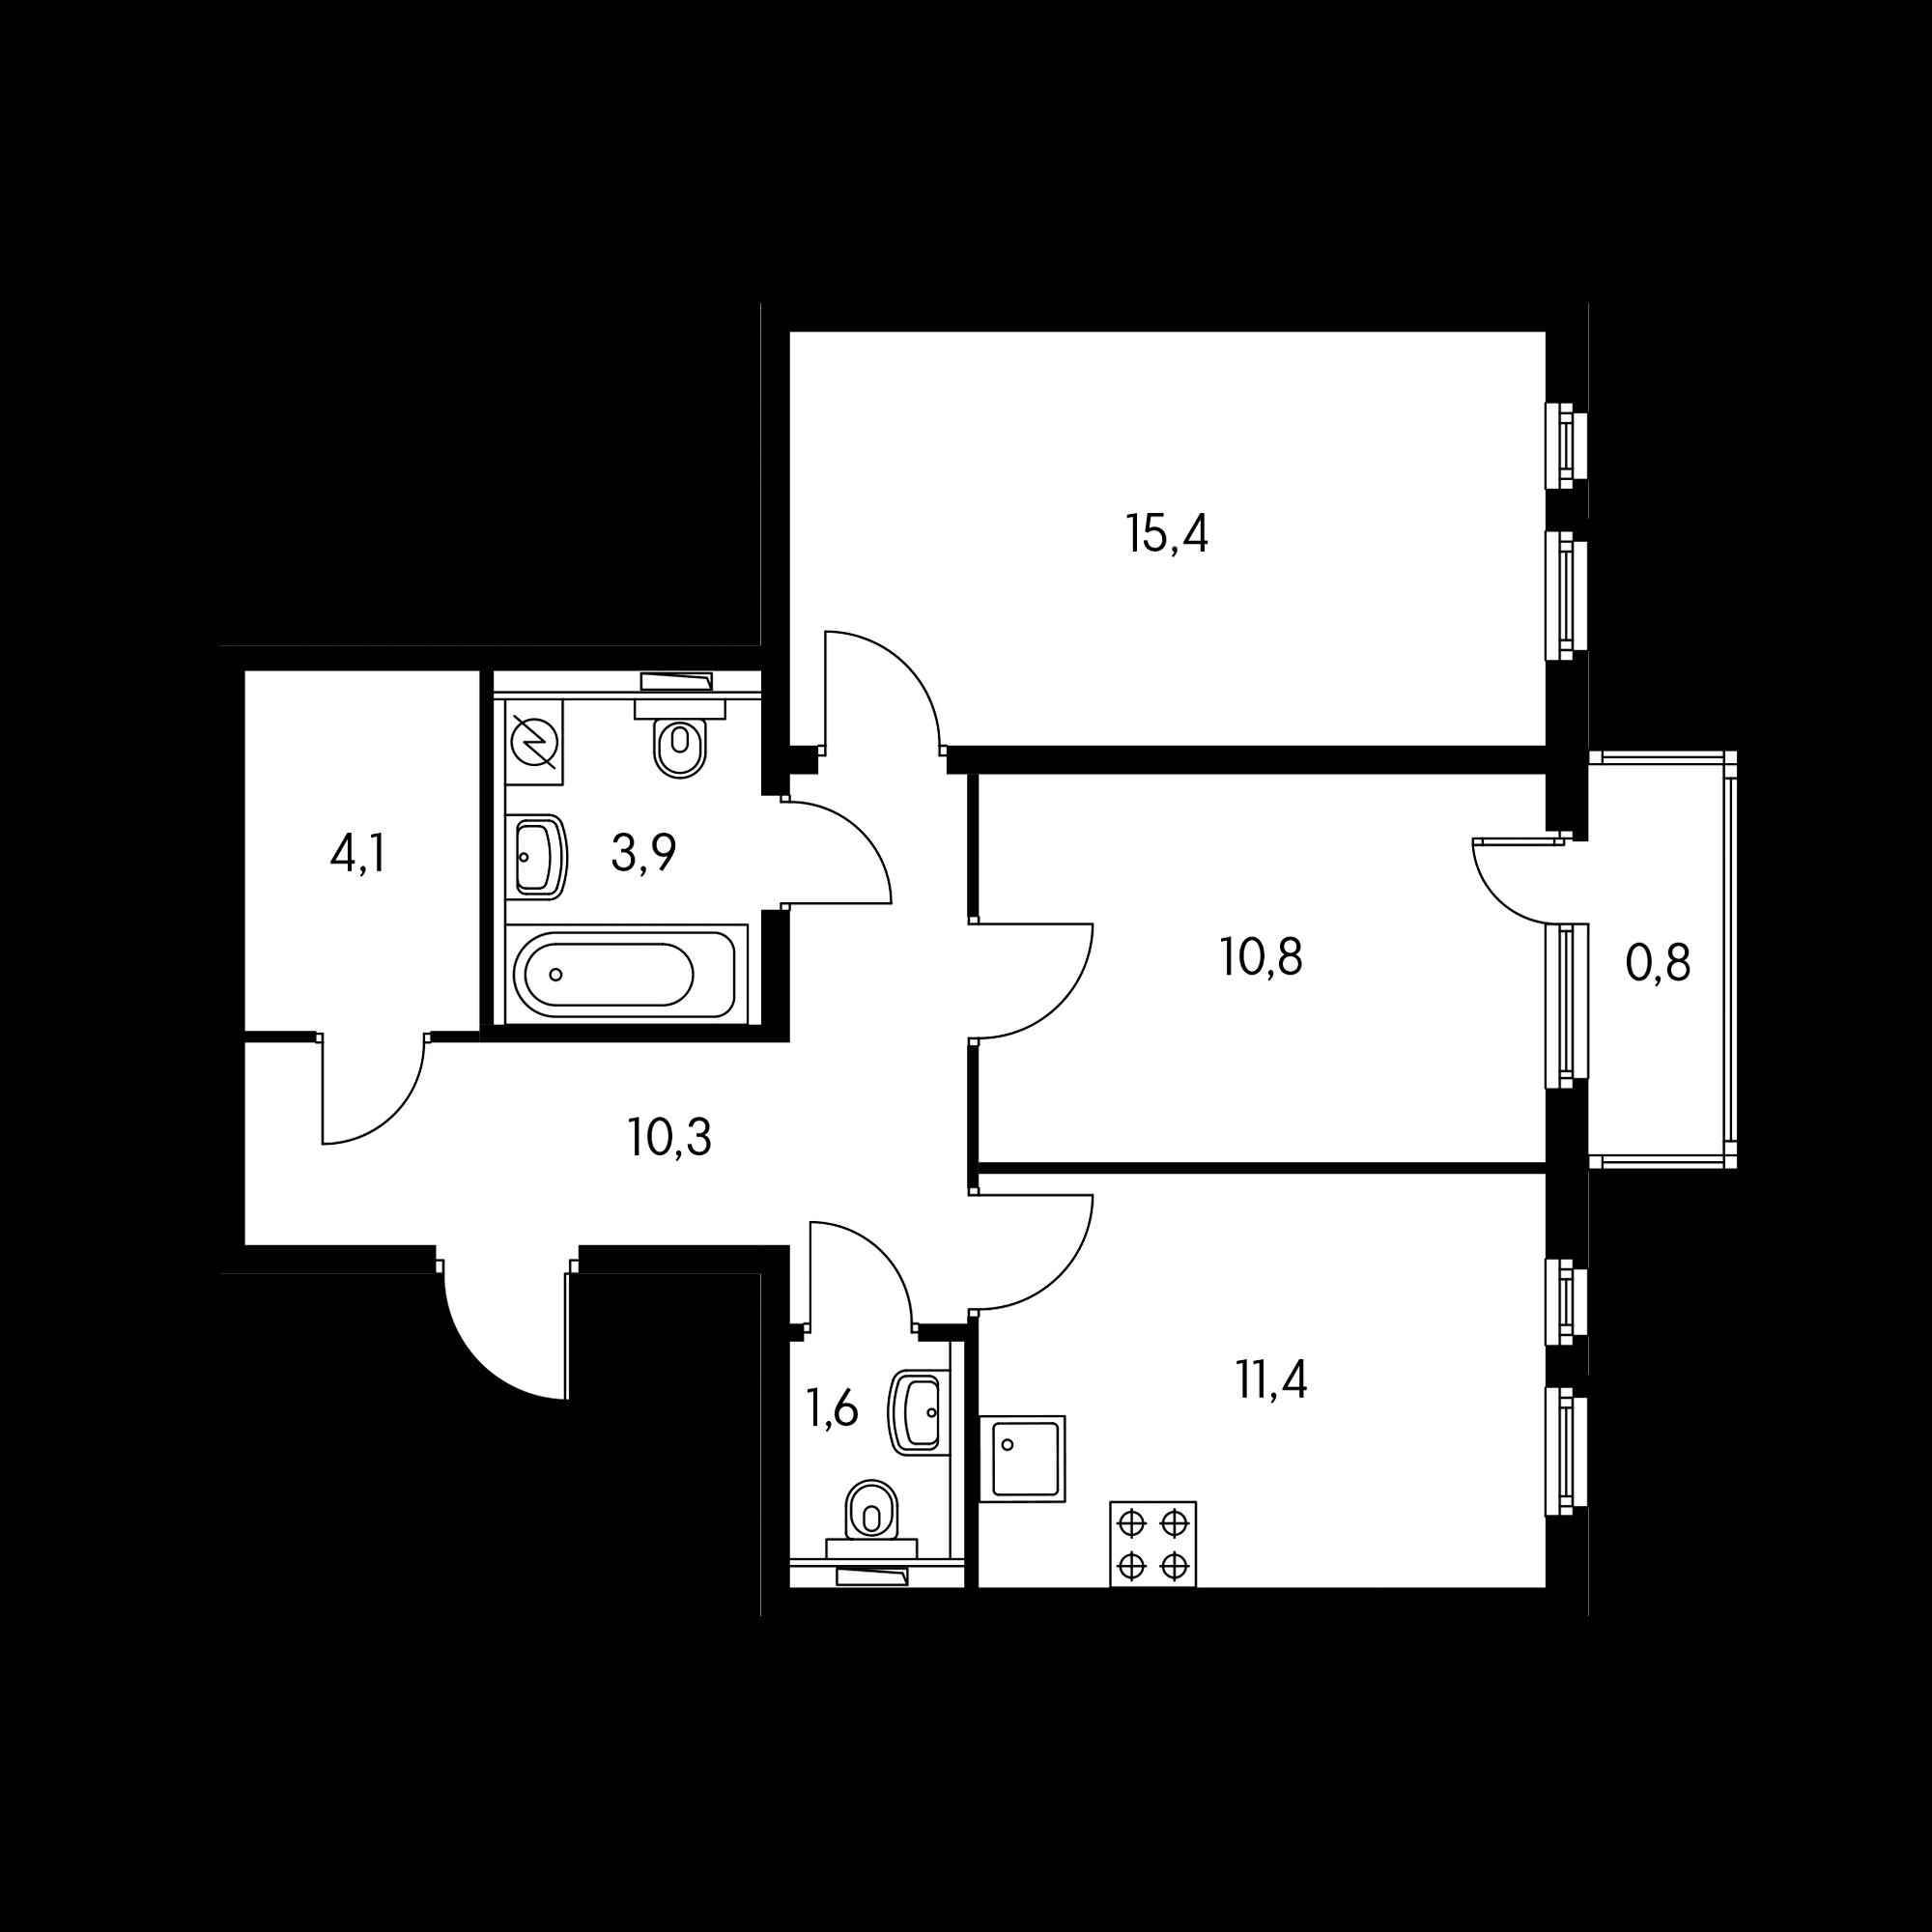 2-1_2A(B)